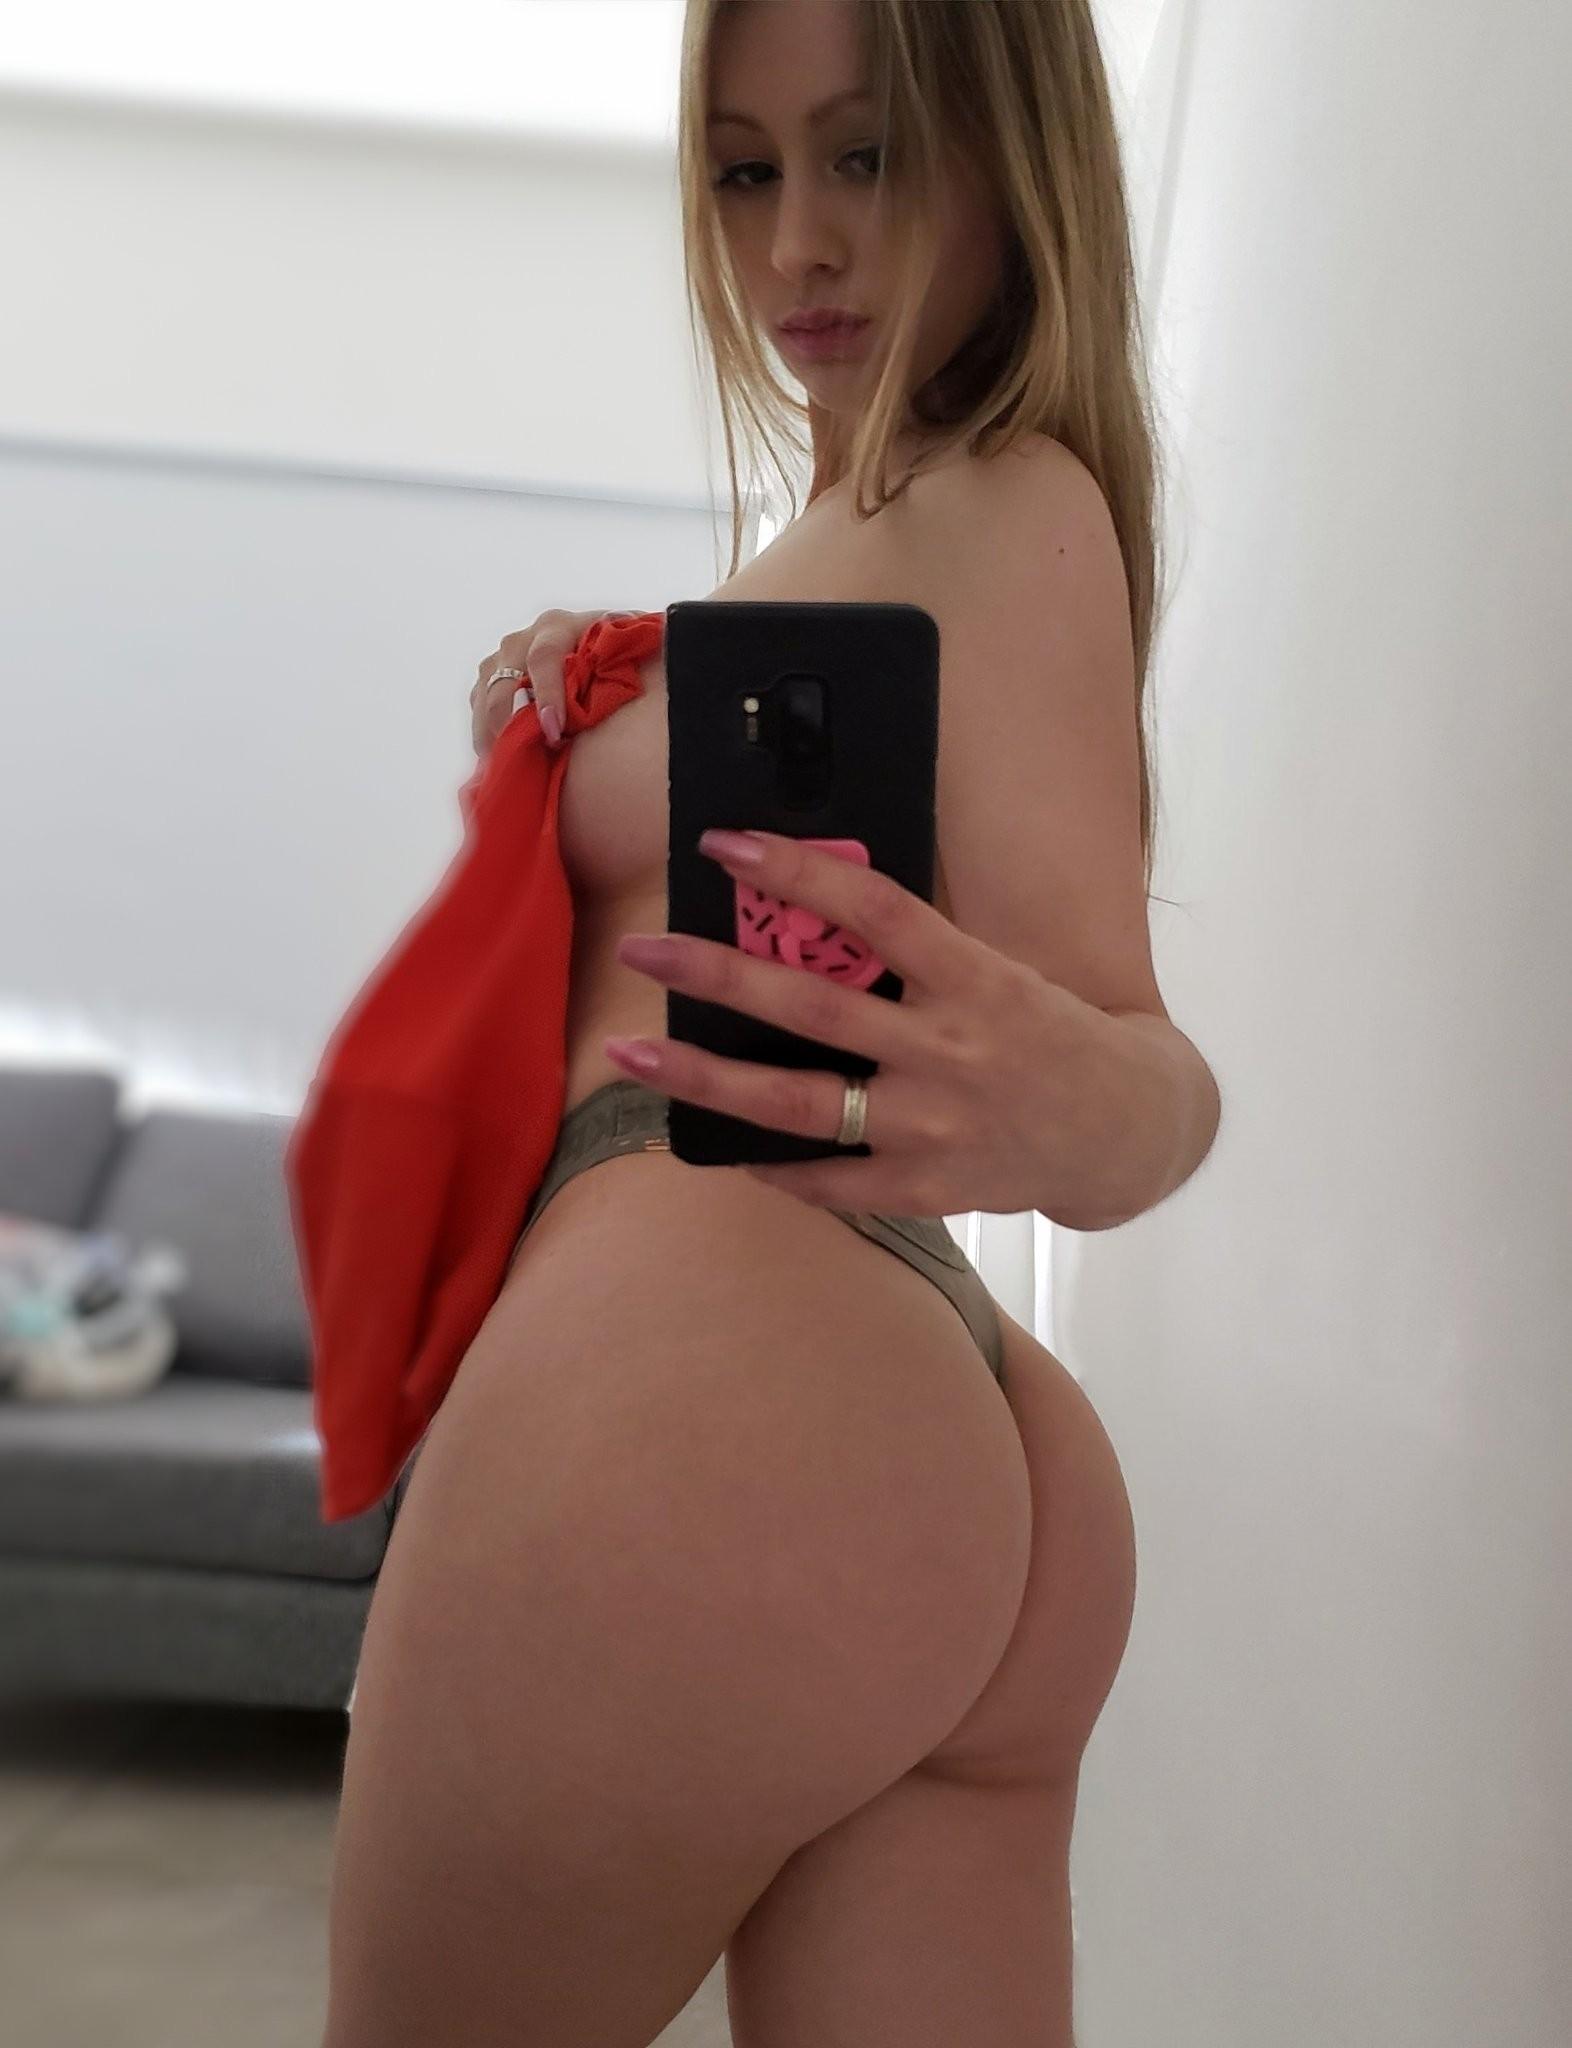 Victoria-Vazquez Con Culazo+ Videos se deja ver todita sabrosa 13